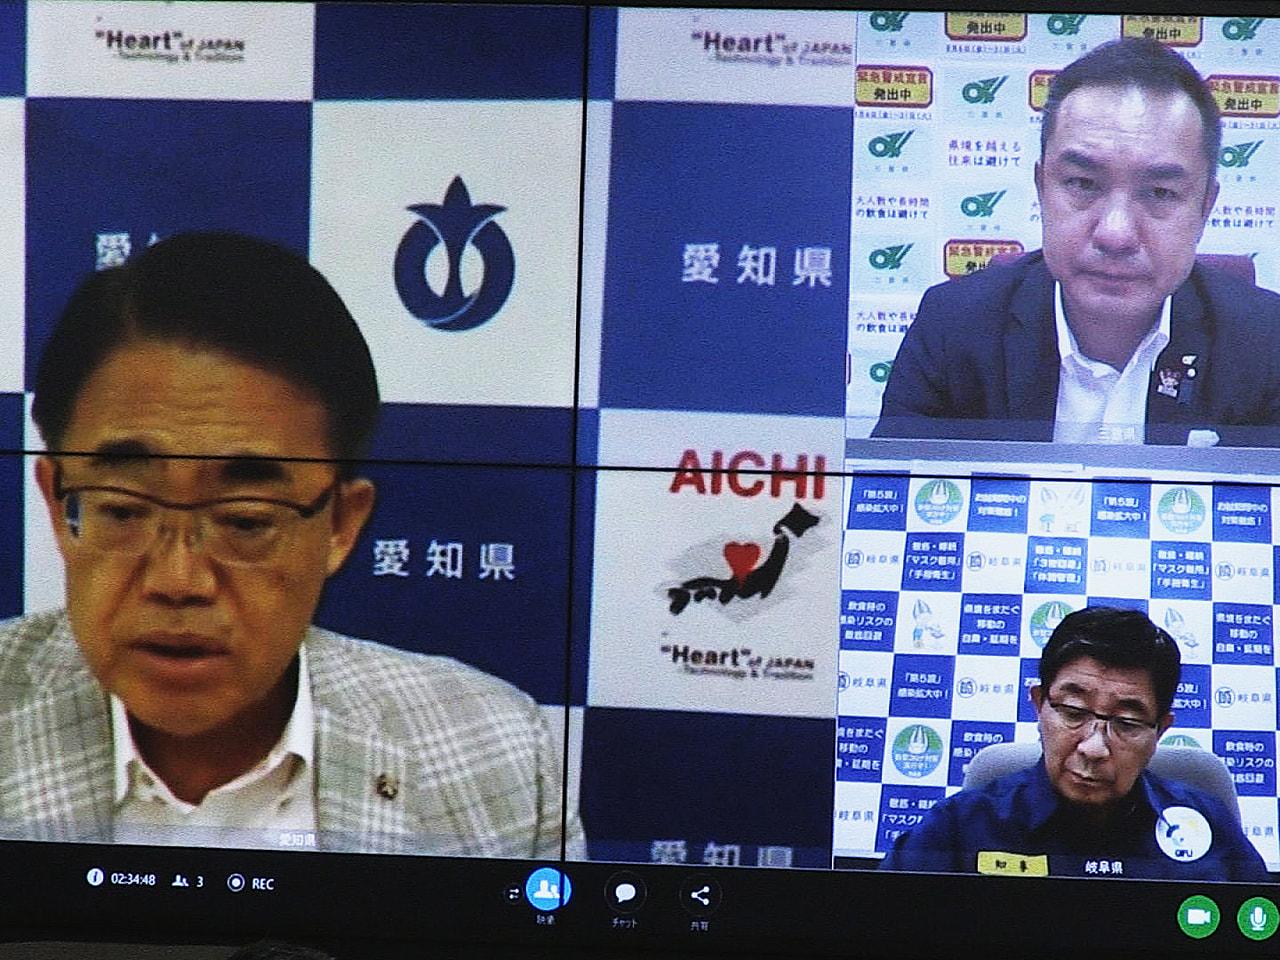 新型コロナウイルスの第5波拡大を受け、岐阜・愛知・三重の3県知事は12日、オンラ...